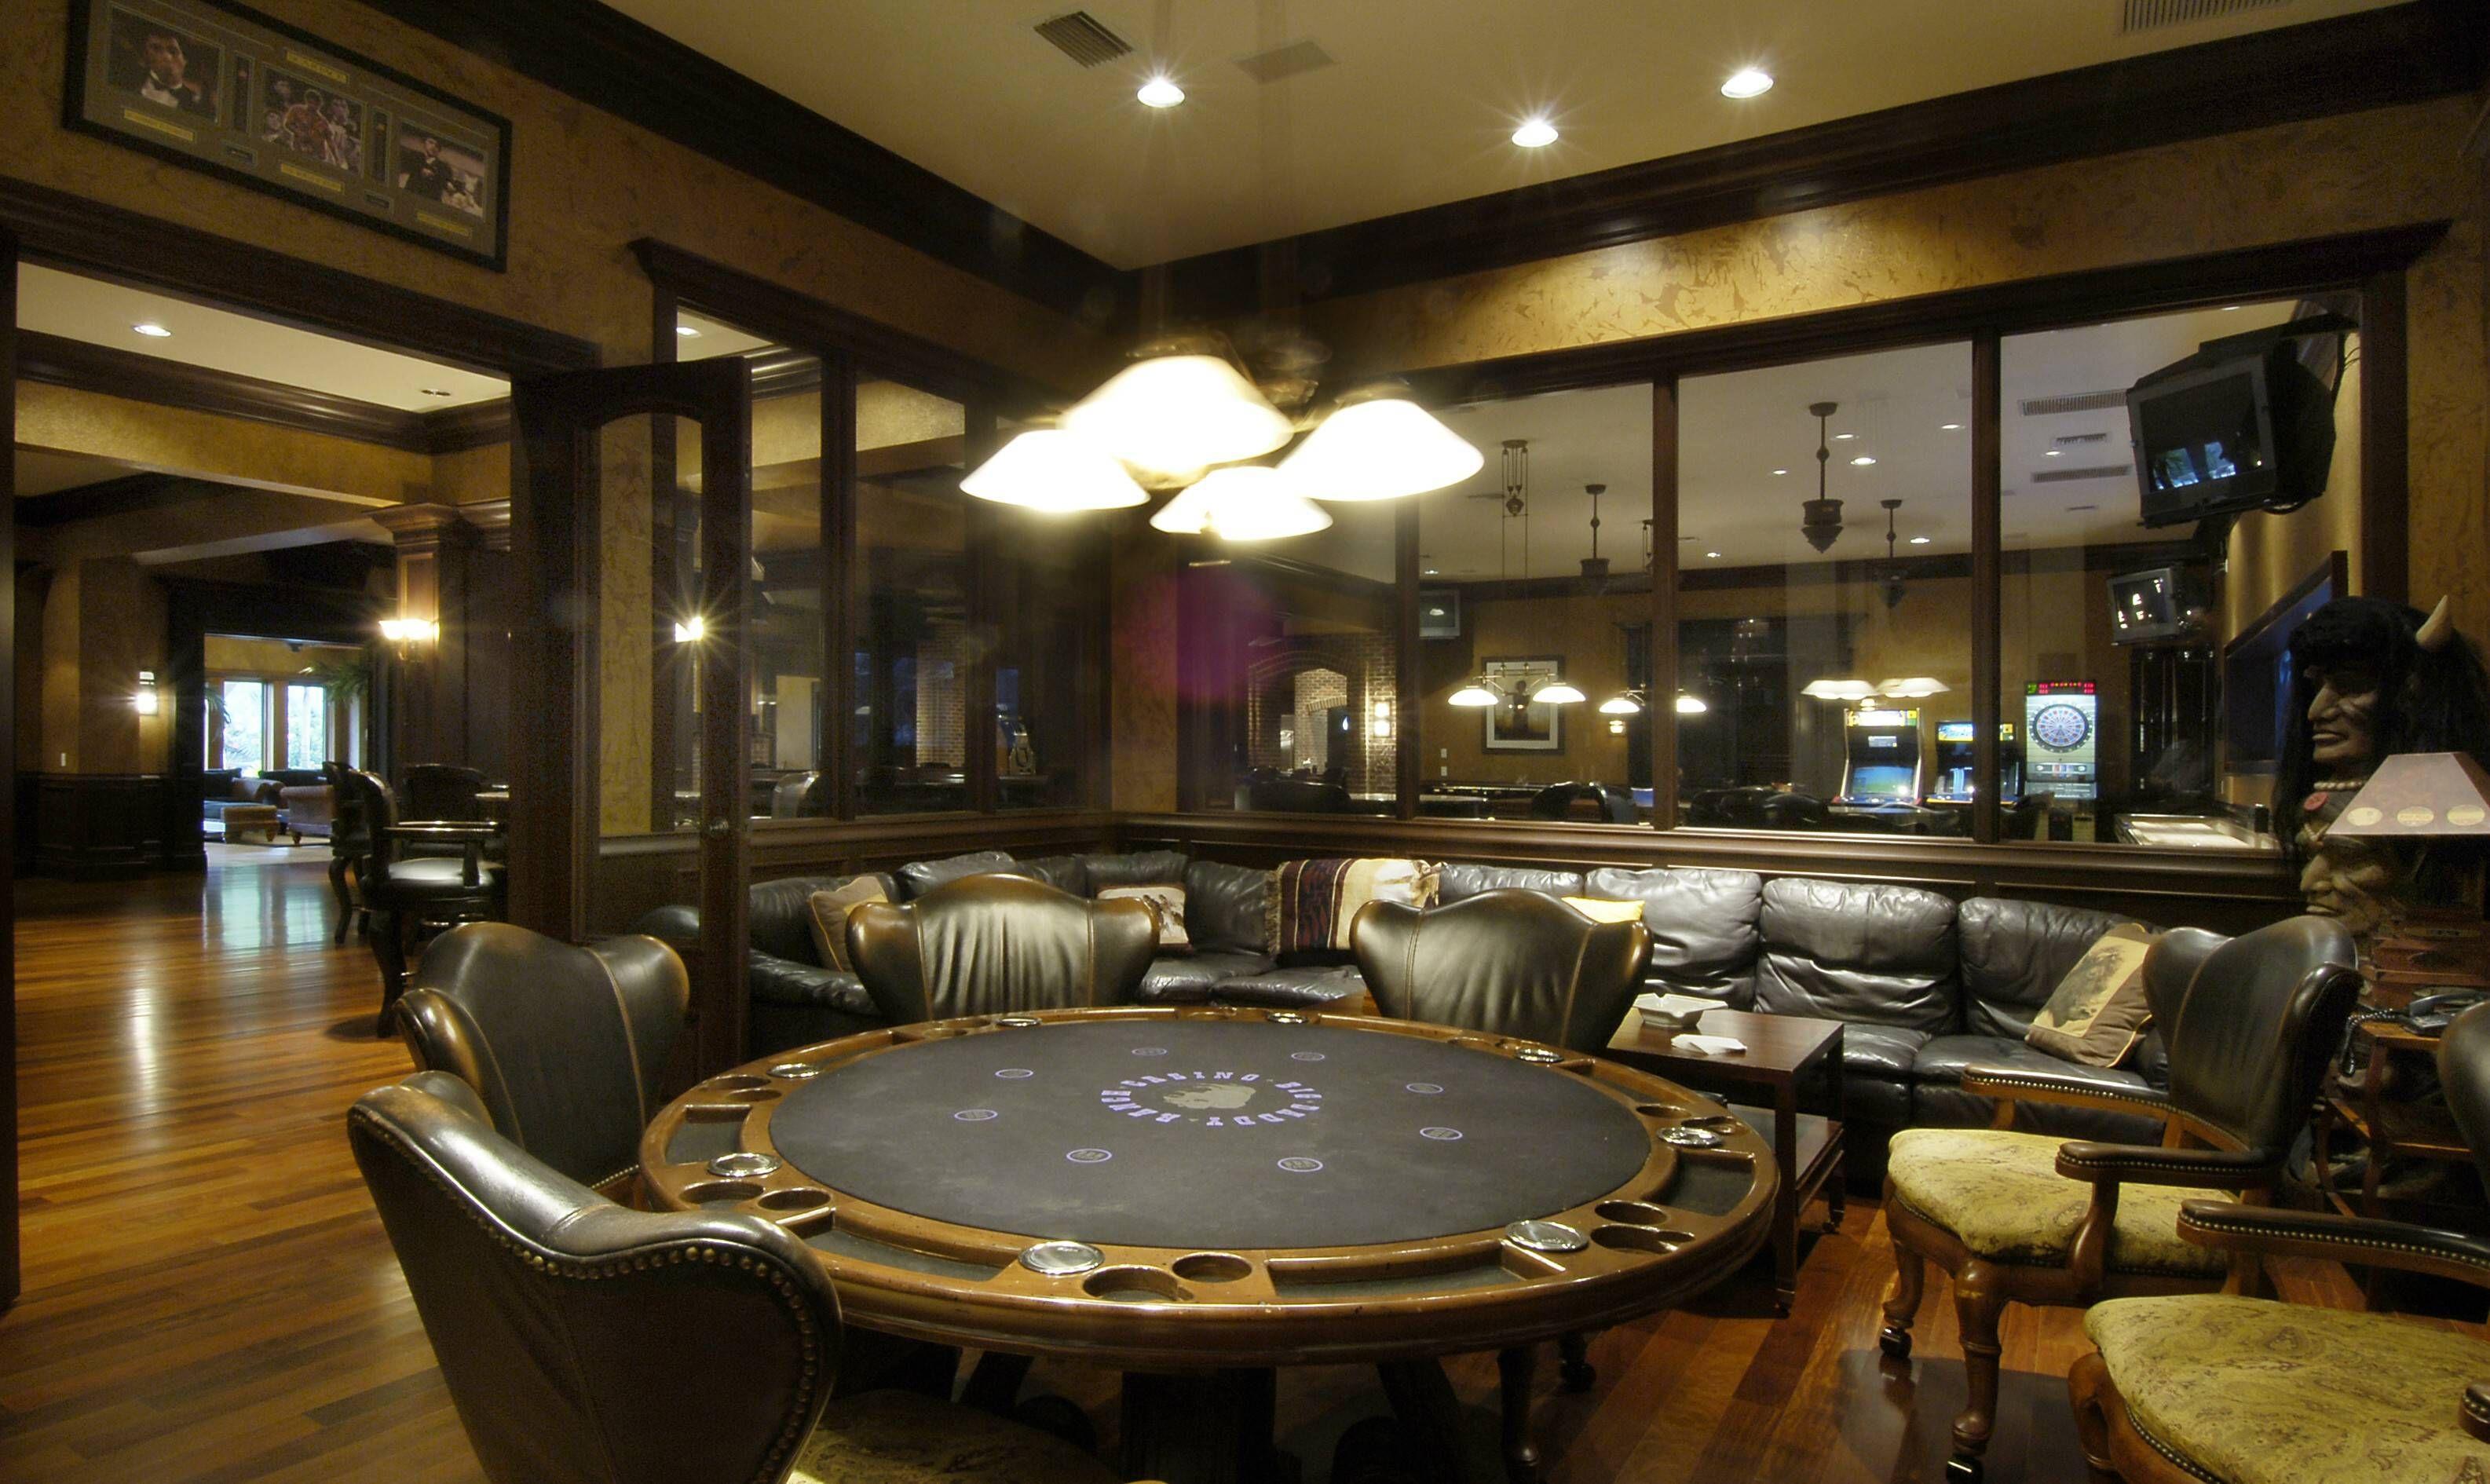 125 million dollar toni everett mansion poker room